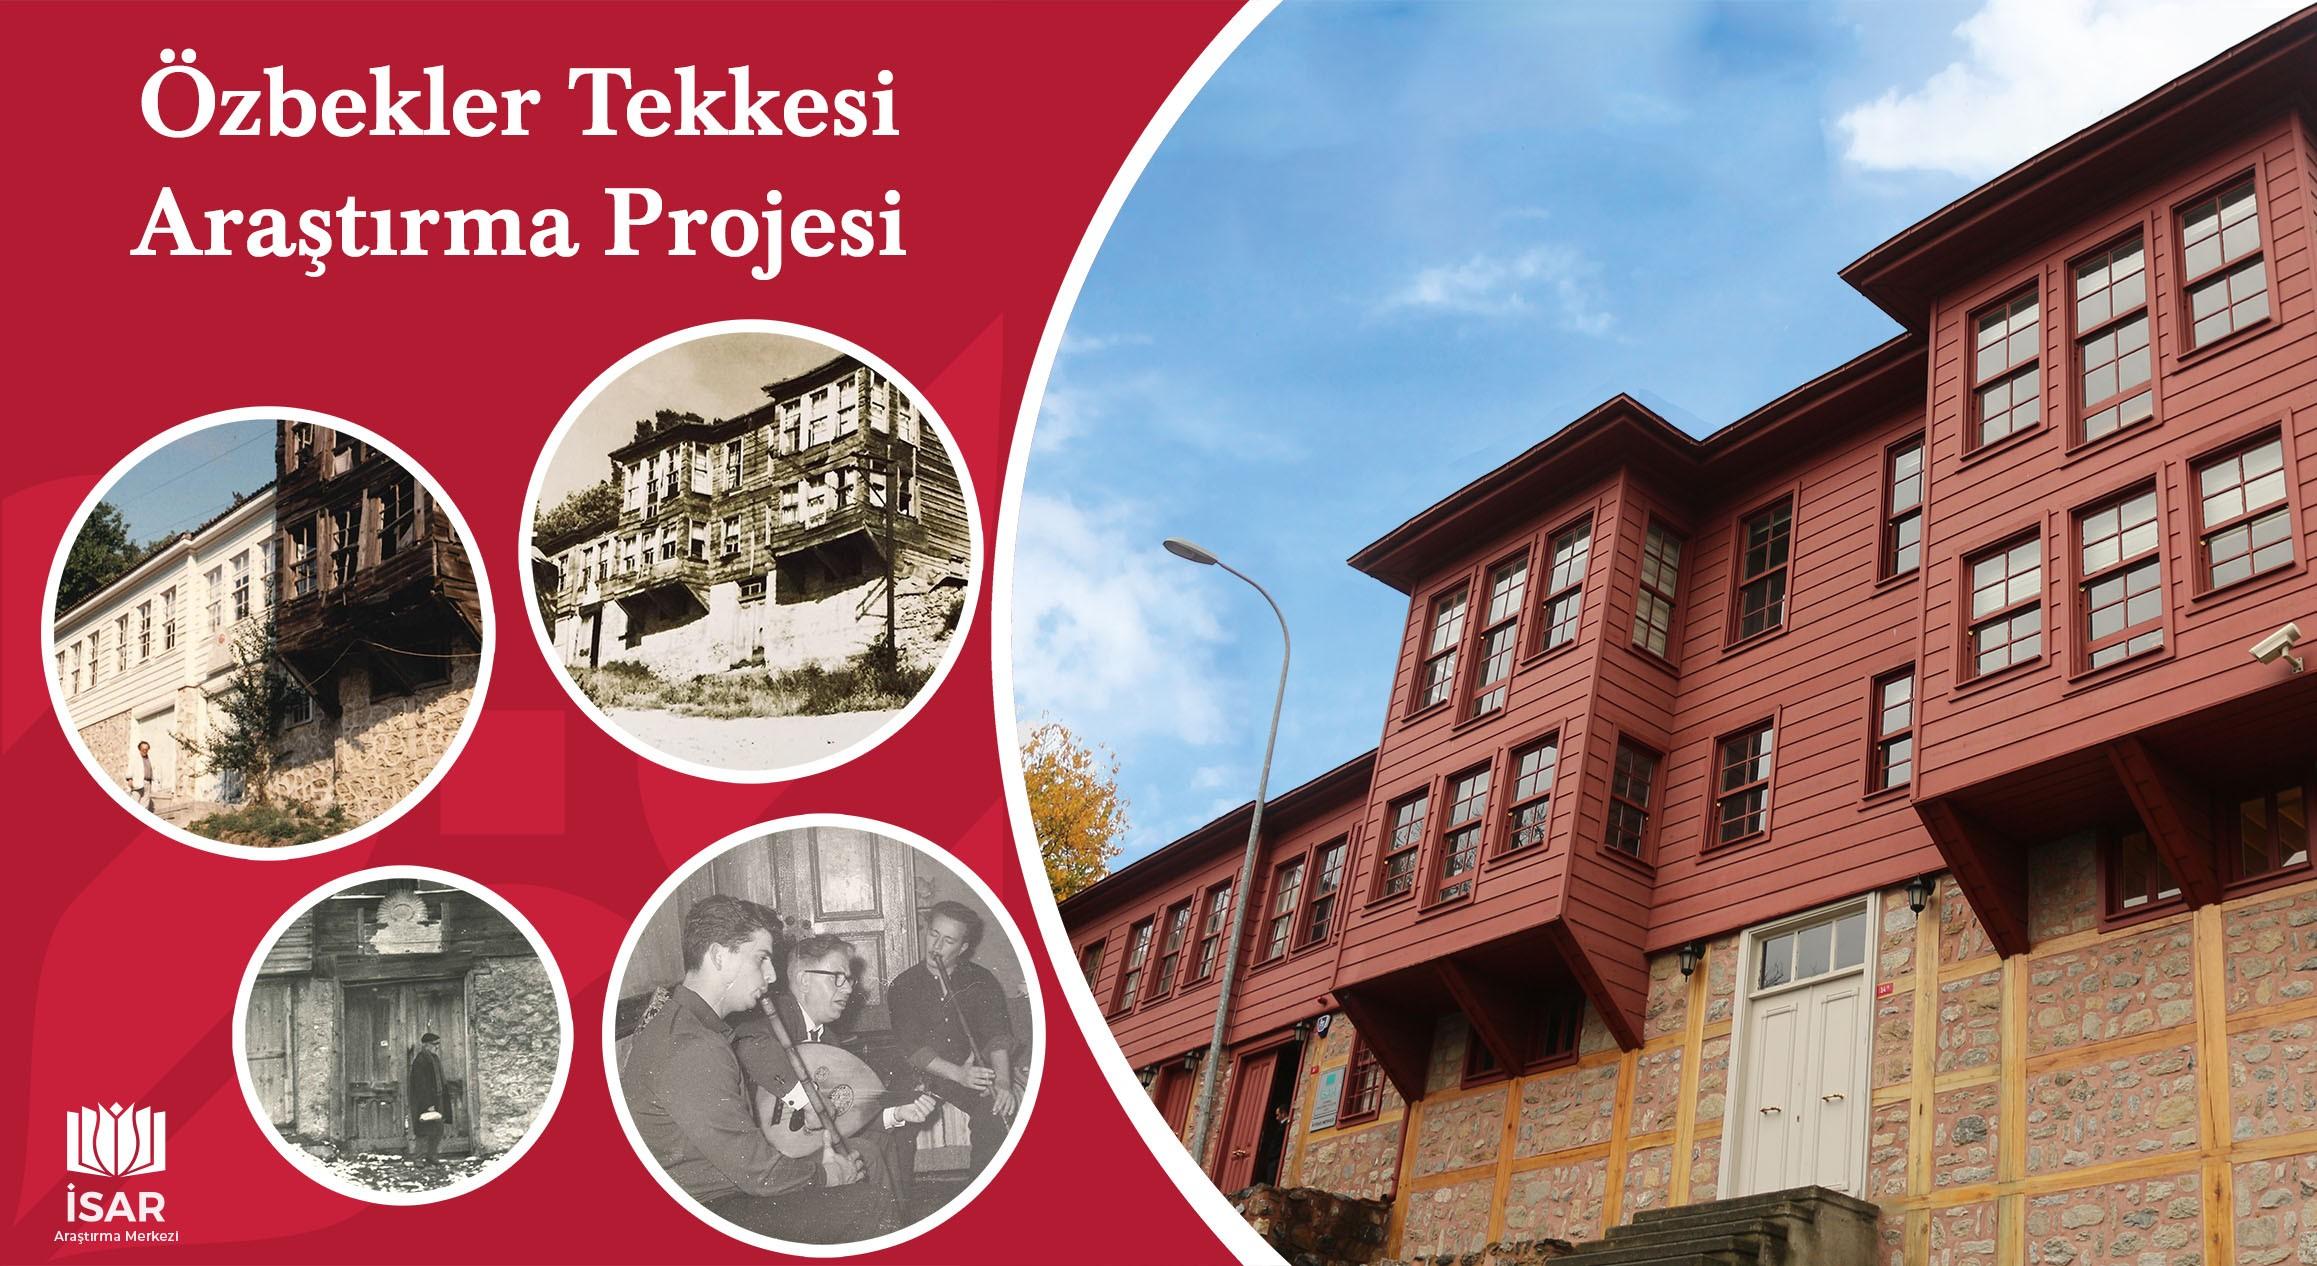 İSAR Araştırma Merkezi Tarafından Yürütülecek Sultantepe Özbekler Tekkesi Projesi Başladı